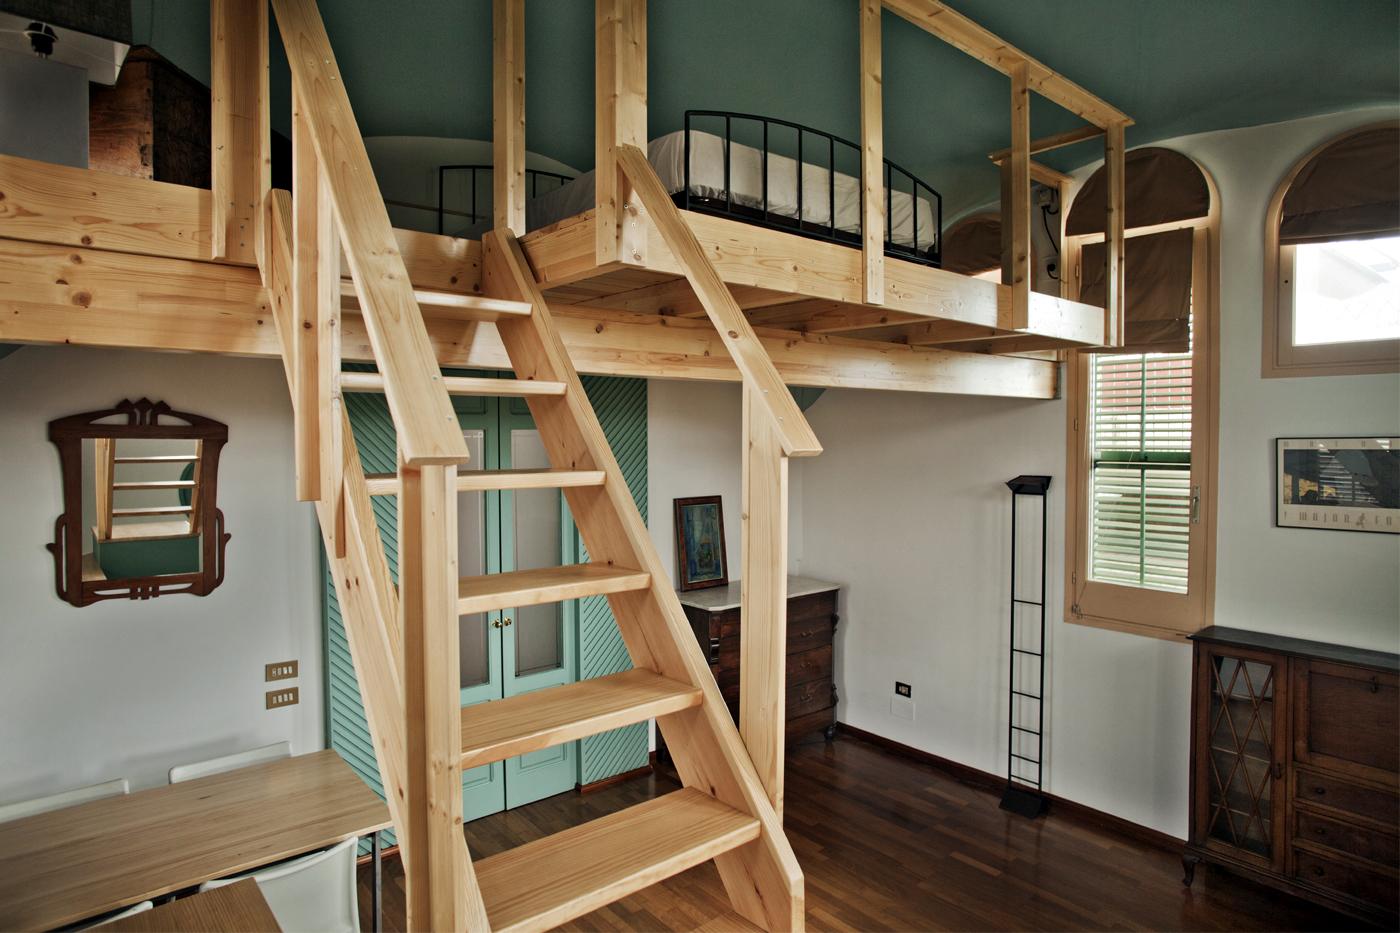 Un altillo en madera para un edificio modernista ideas - Construir altillo ...